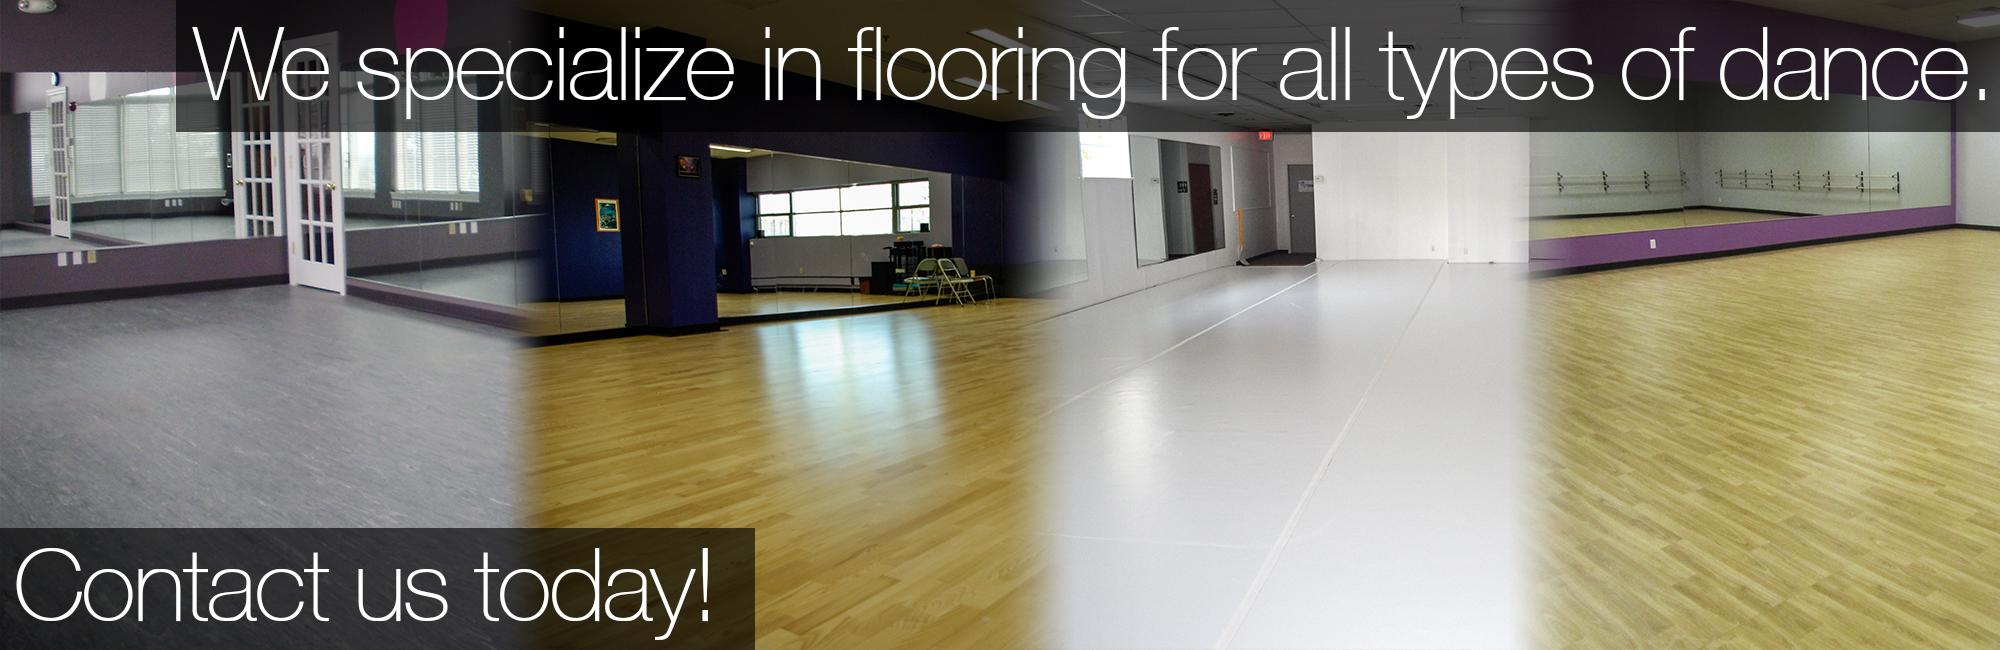 Dance Floor Wood Type Gurus Floor